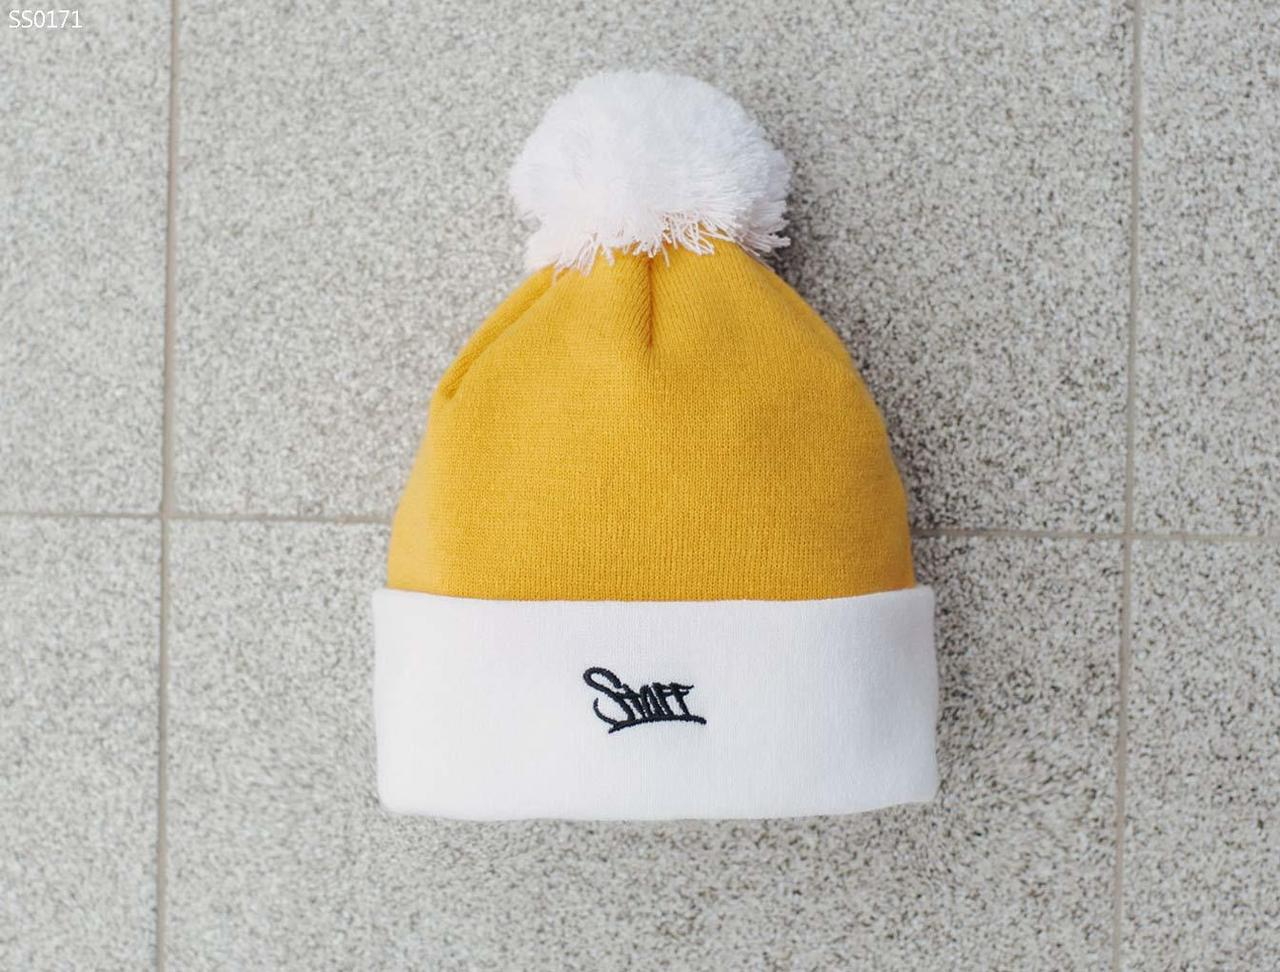 Зимняя шапка Staff SS0171